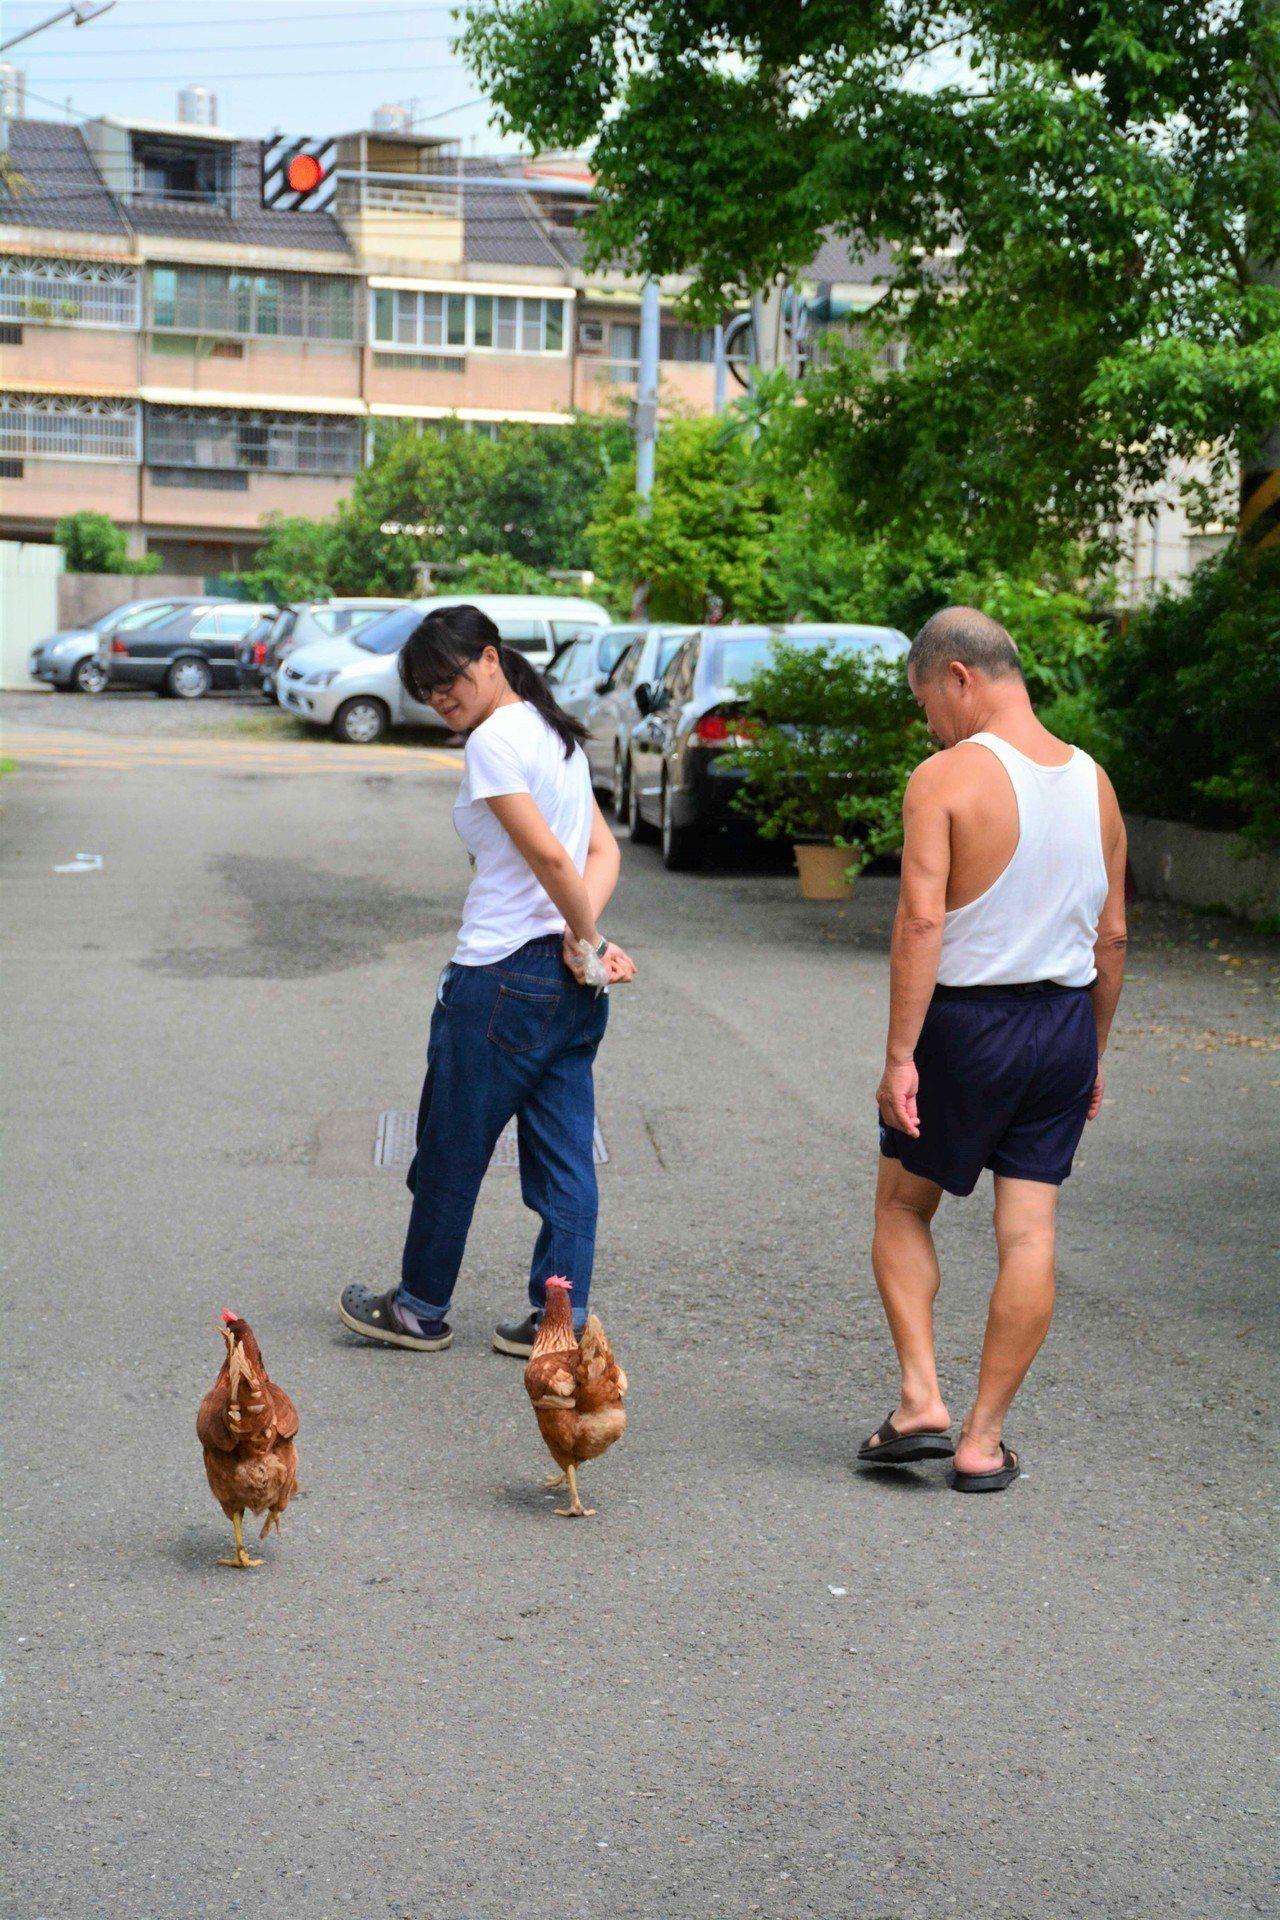 楊環靜鼓勵父親每天帶雞散步、透透氣,如今已成習慣。(圖片提供/楊環靜)